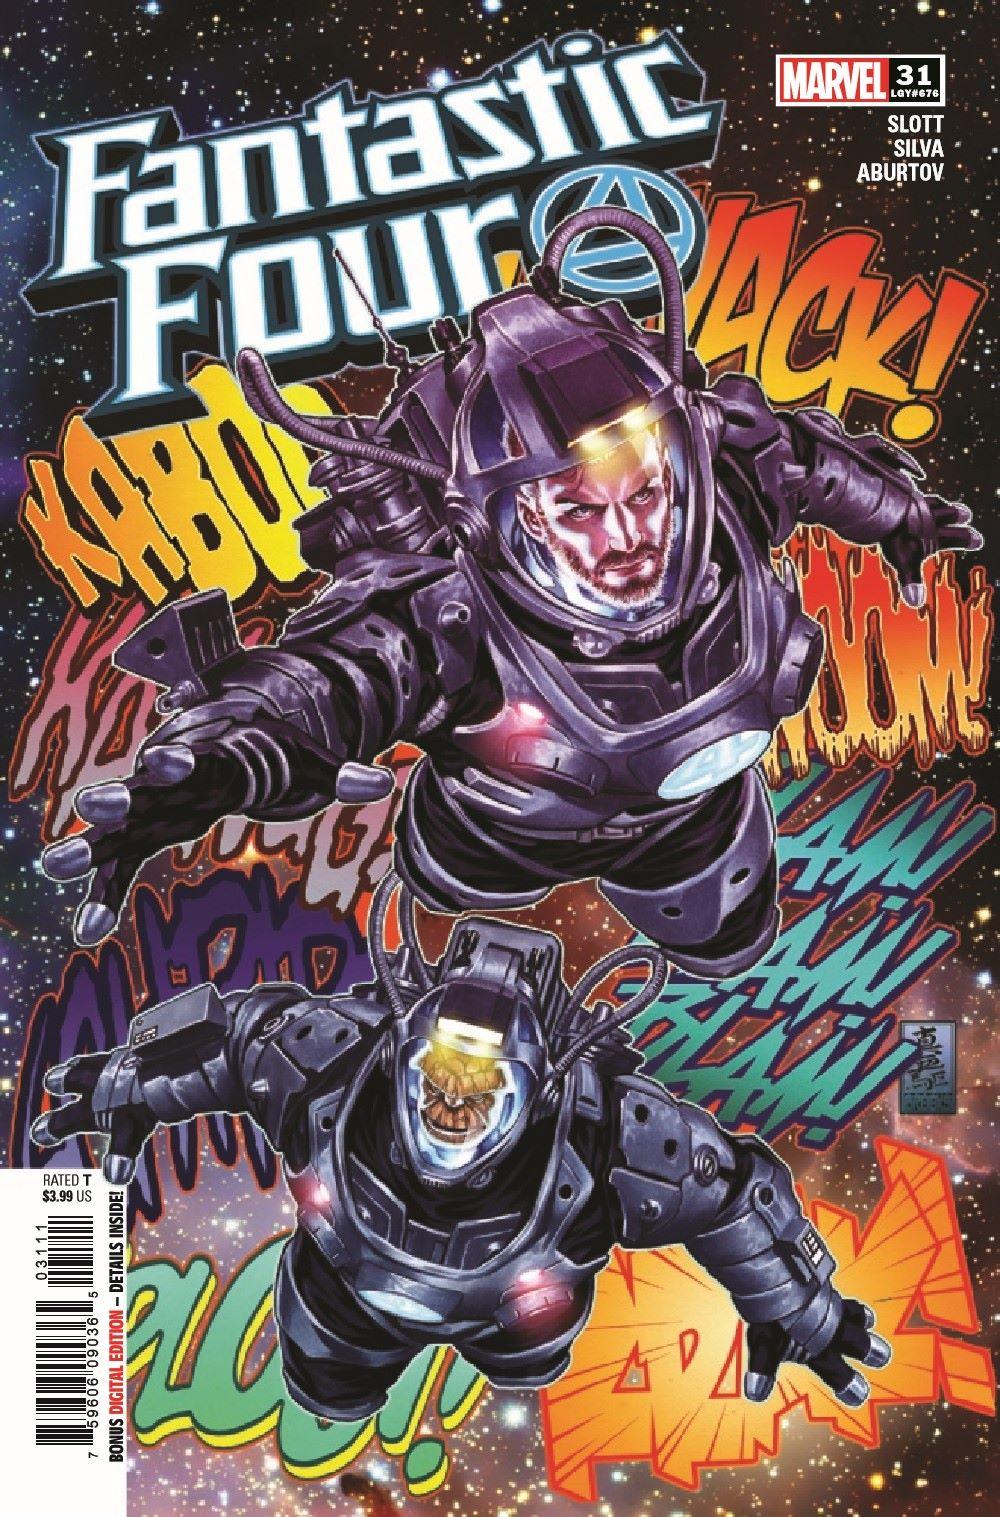 FF2018031_Preview-1 ComicList Previews: FANTASTIC FOUR #31